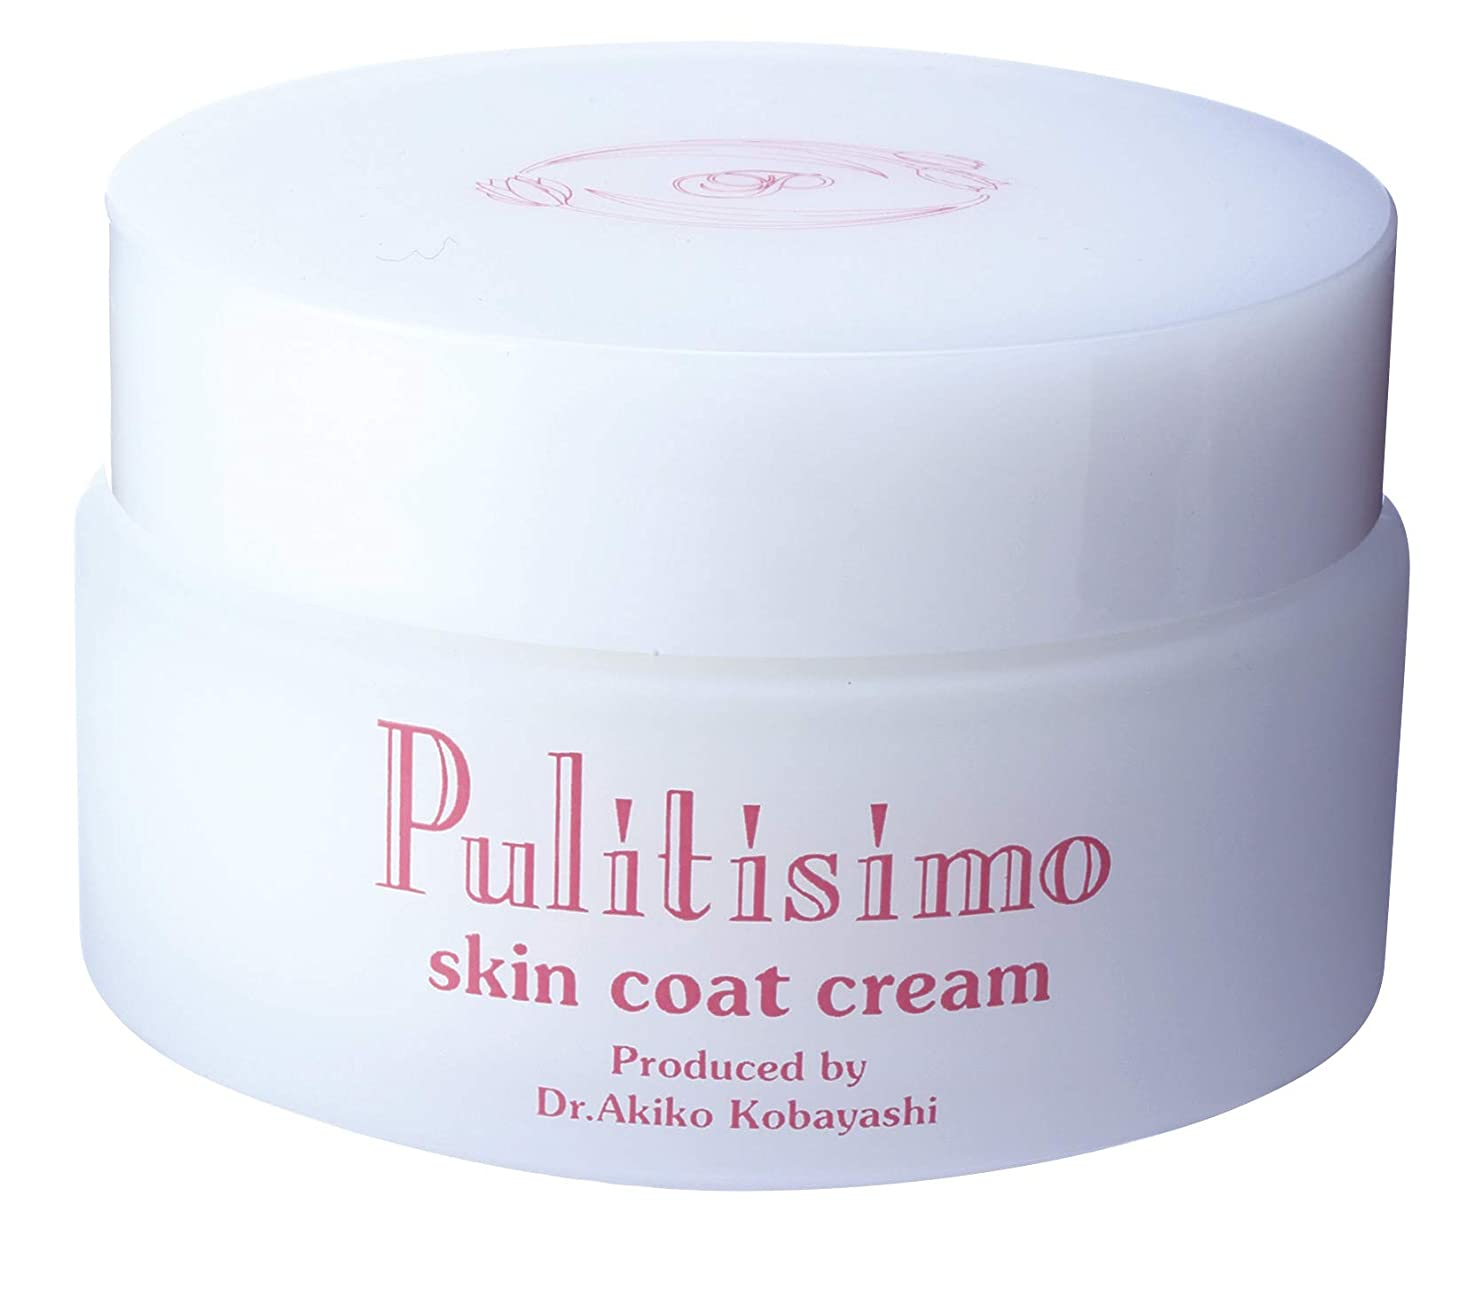 厚さ表向き非公式保湿クリーム プリティシモ スキン コート クリーム 敏感肌でも安心。ドクターズコスメ